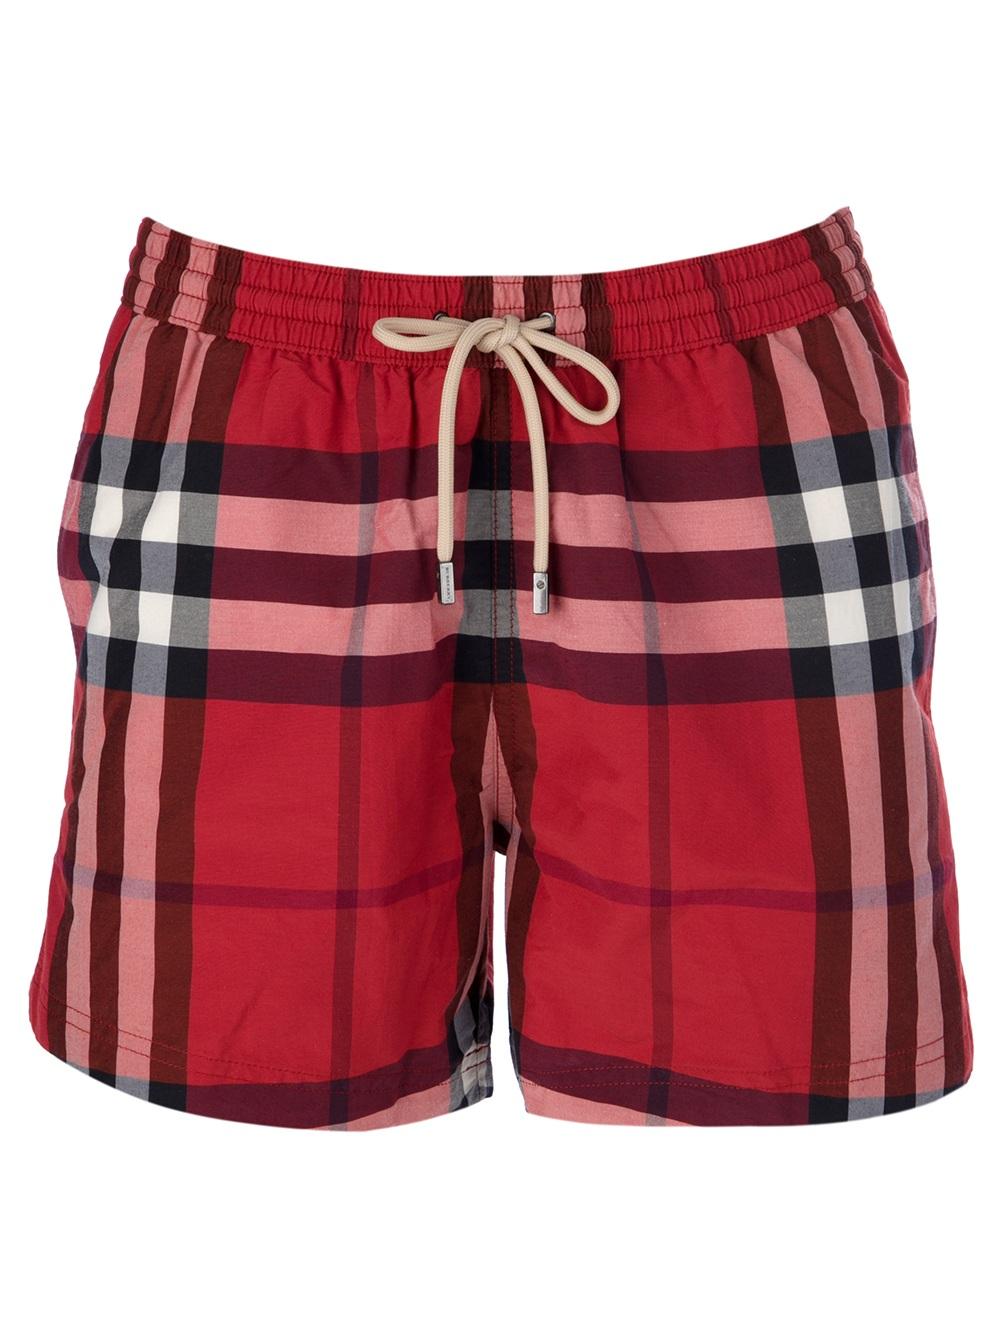 232f3135cf Burberry Brit Nova Check Swim Trunks in Red for Men - Lyst